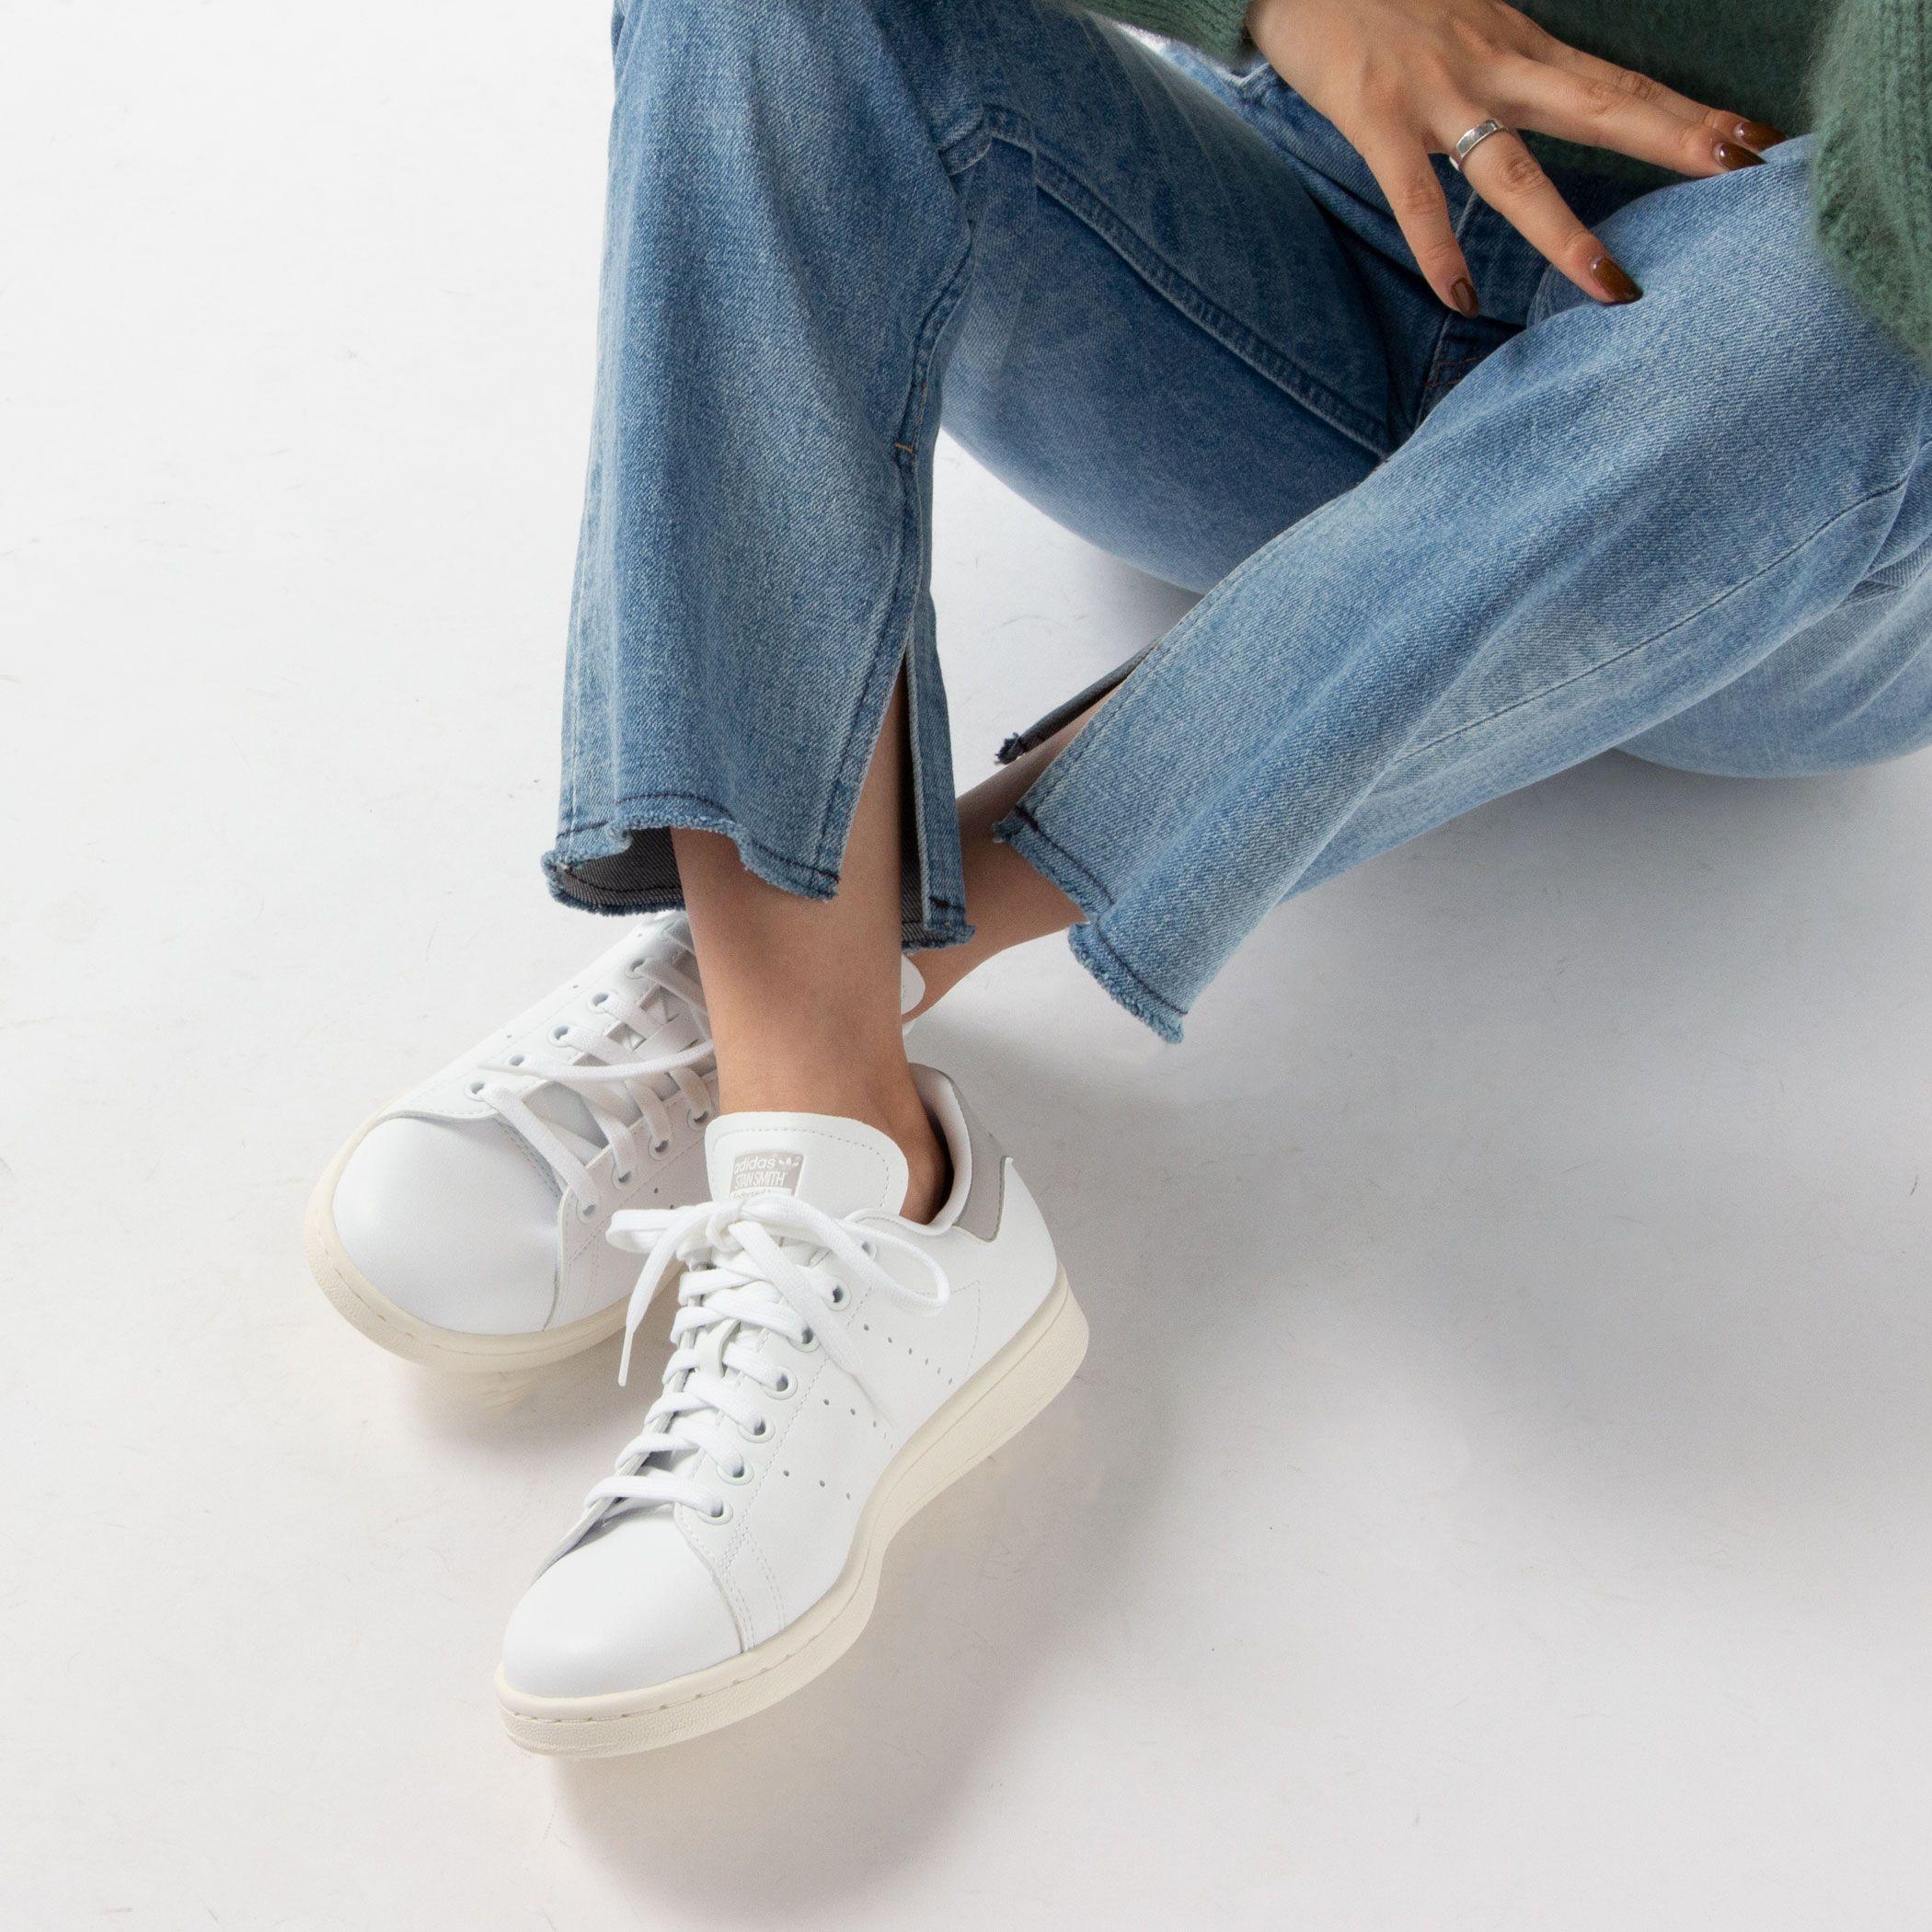 NOLLEY'S(ノーリーズ)/【adidas/アディダス】STAN SMITH W (GX6286)